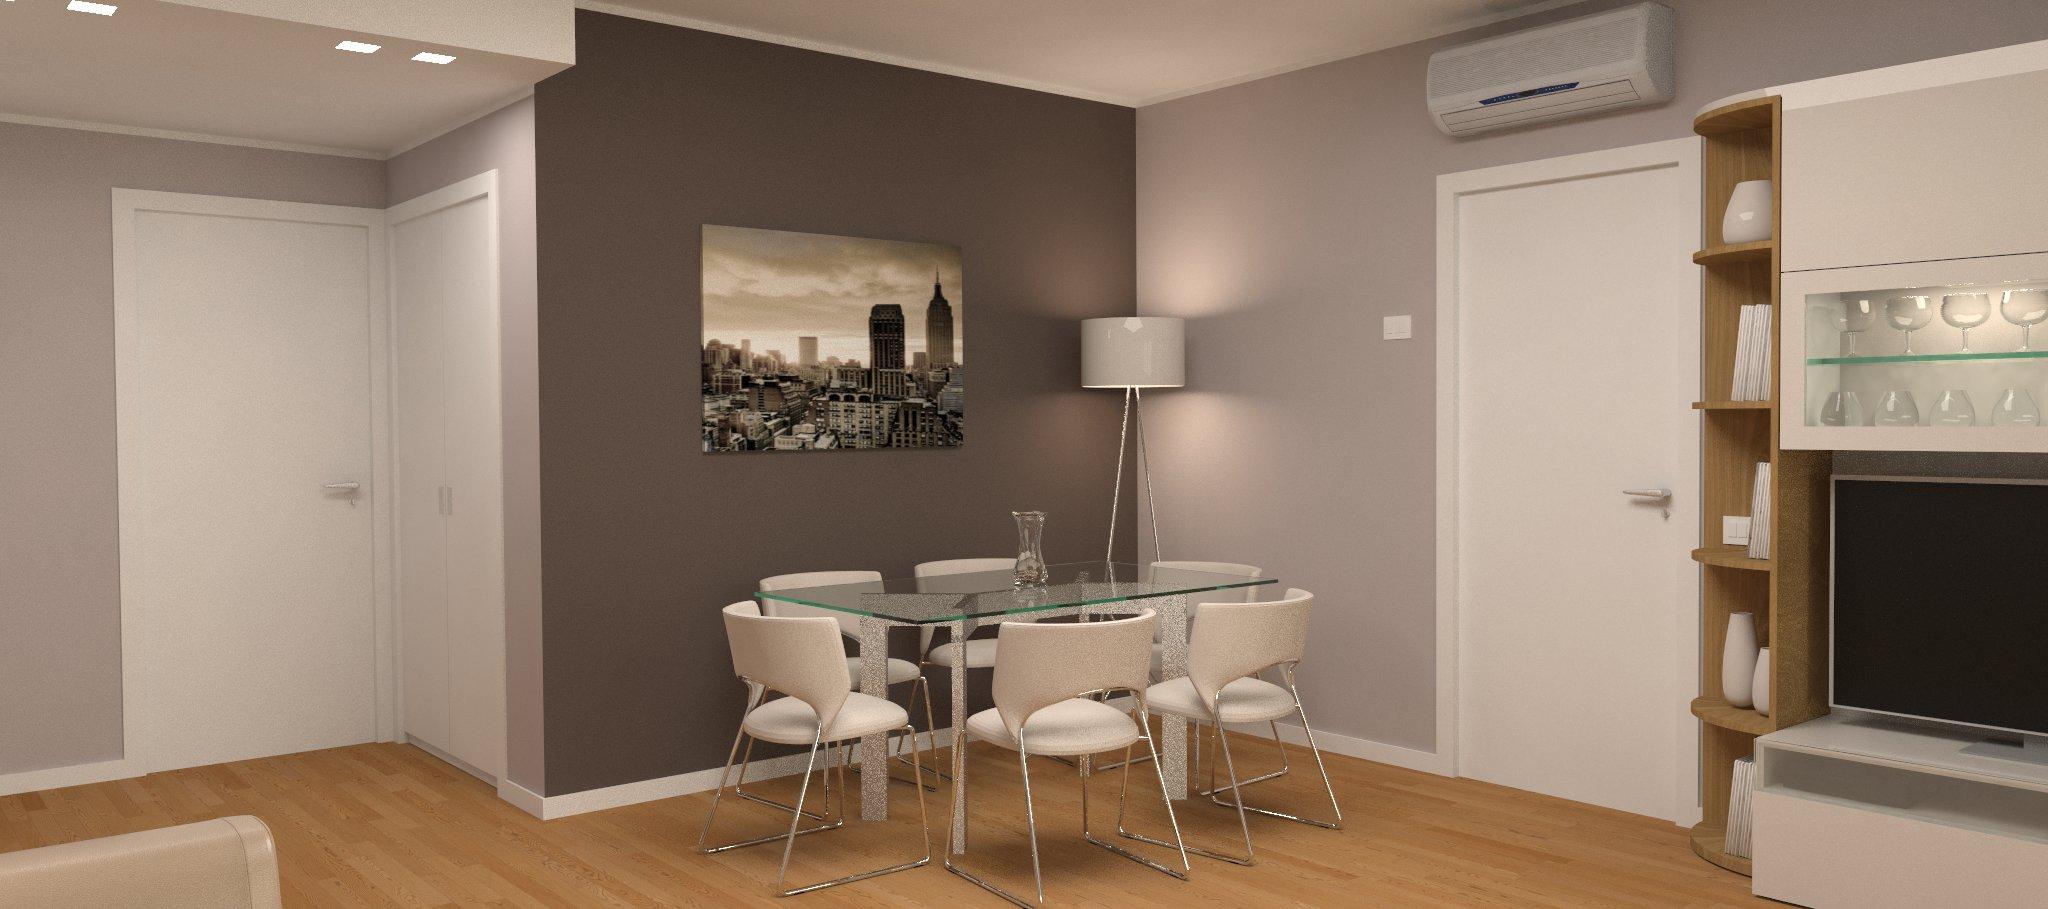 Appartamento privato milano laura lucente architetto for Interior designer milano